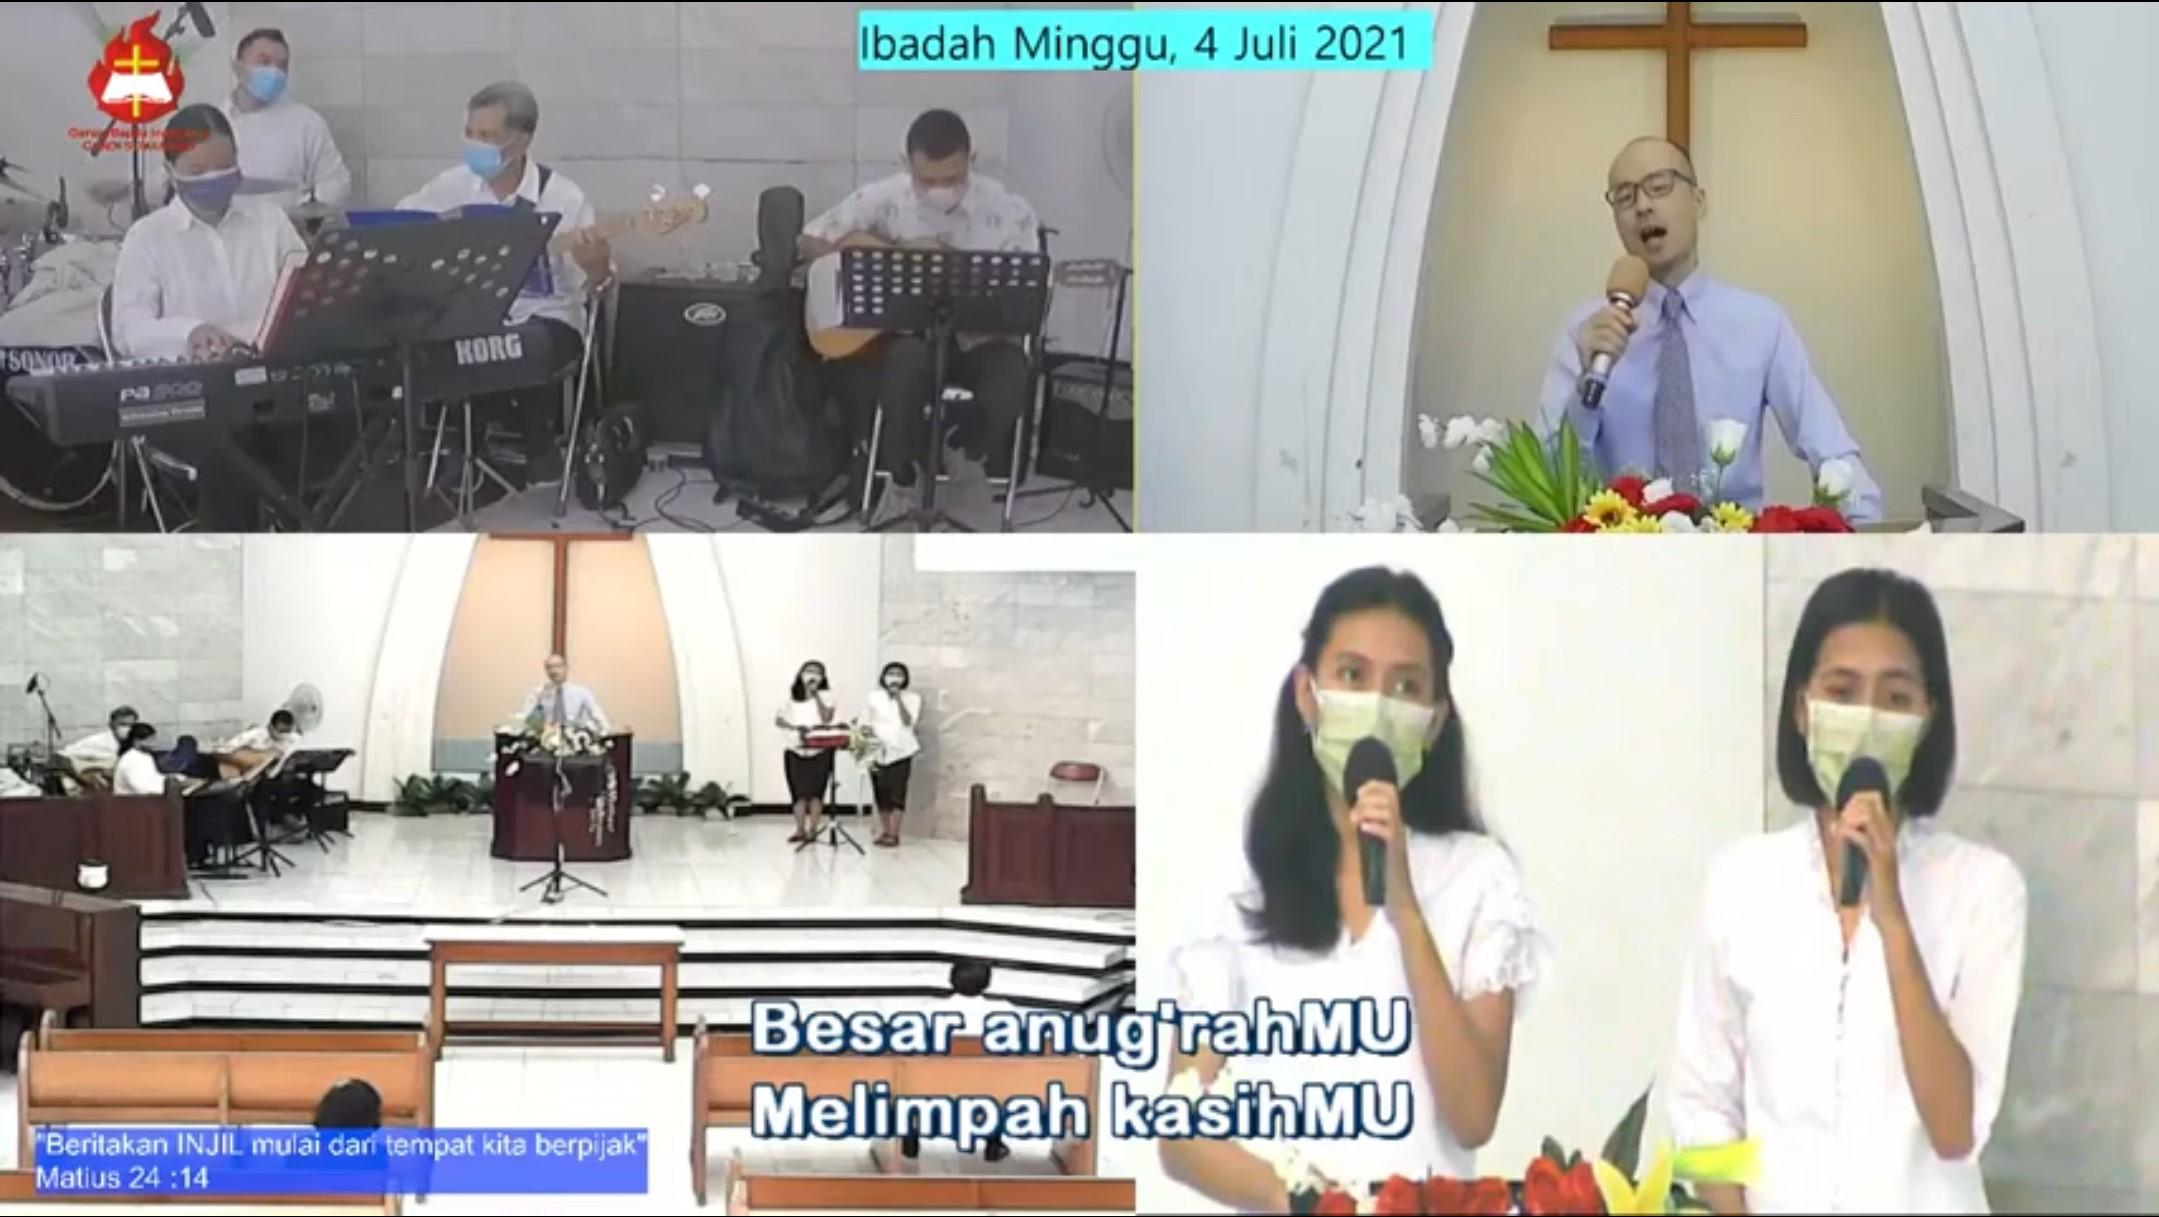 オンライン礼拝での説教奉仕